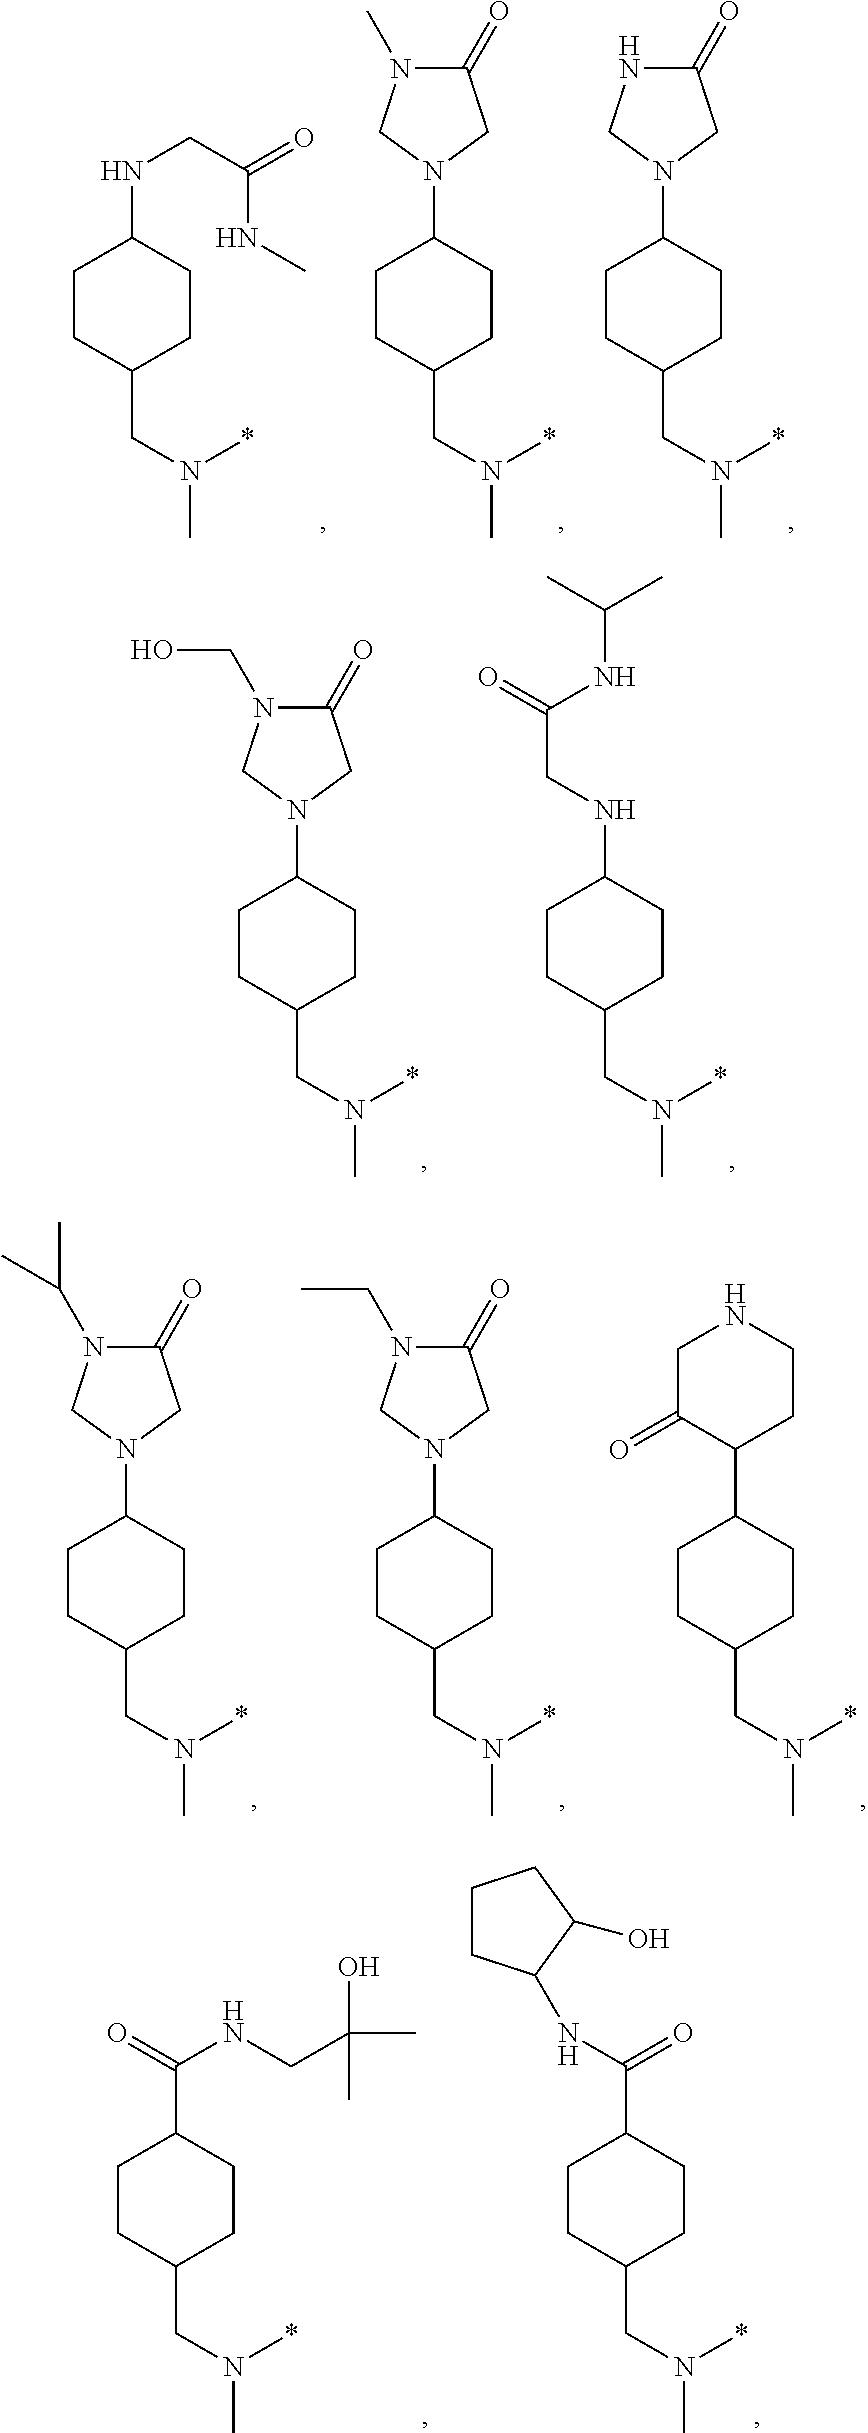 Figure US08440693-20130514-C00035